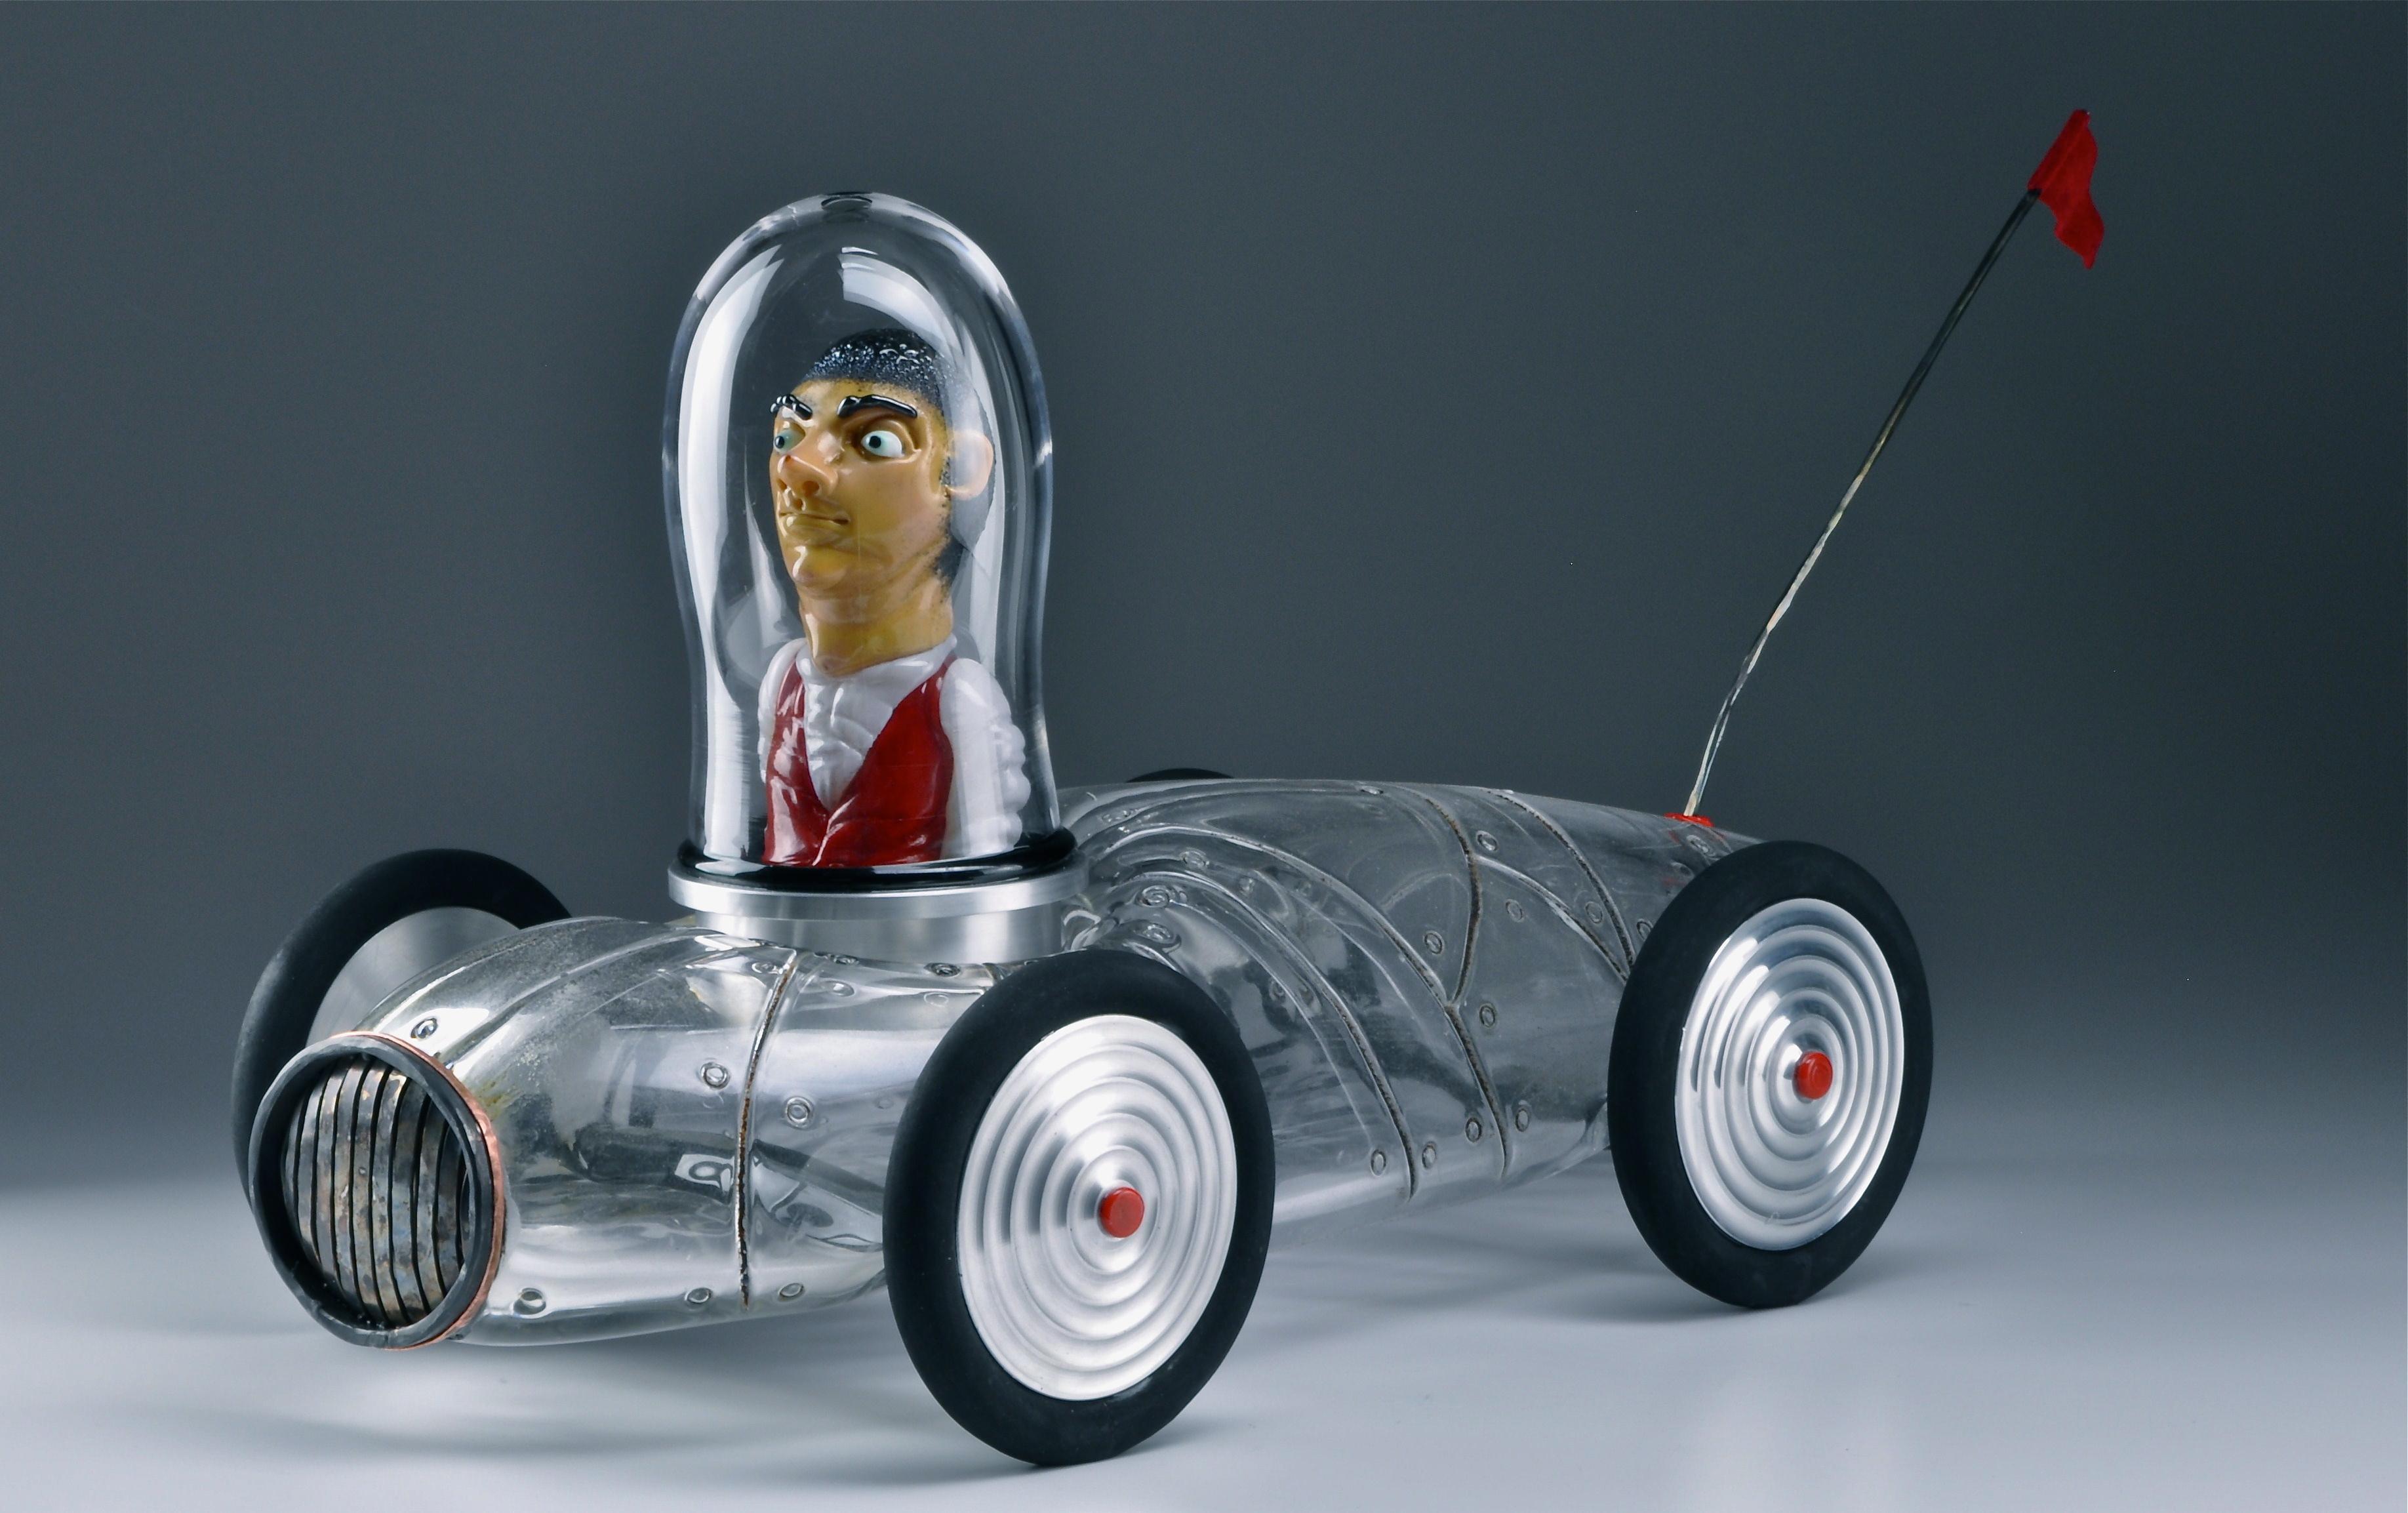 Glass race car sculpture